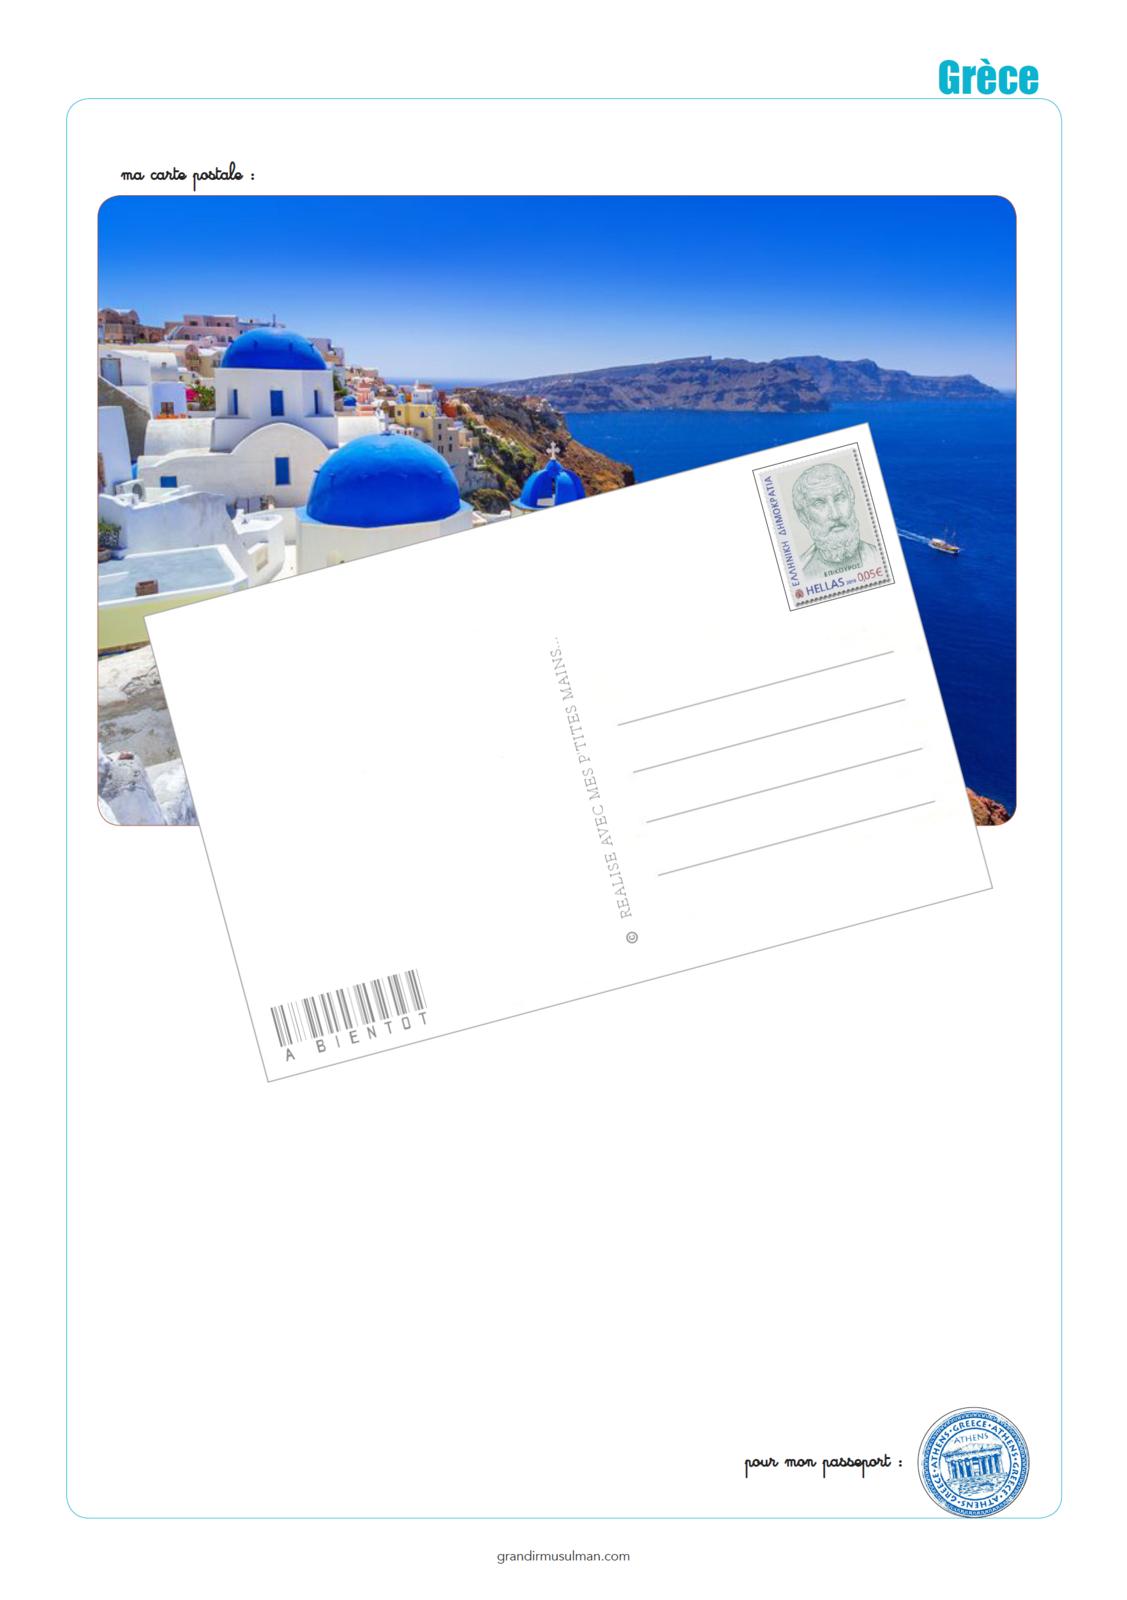 Notre Tour du monde : Grèce